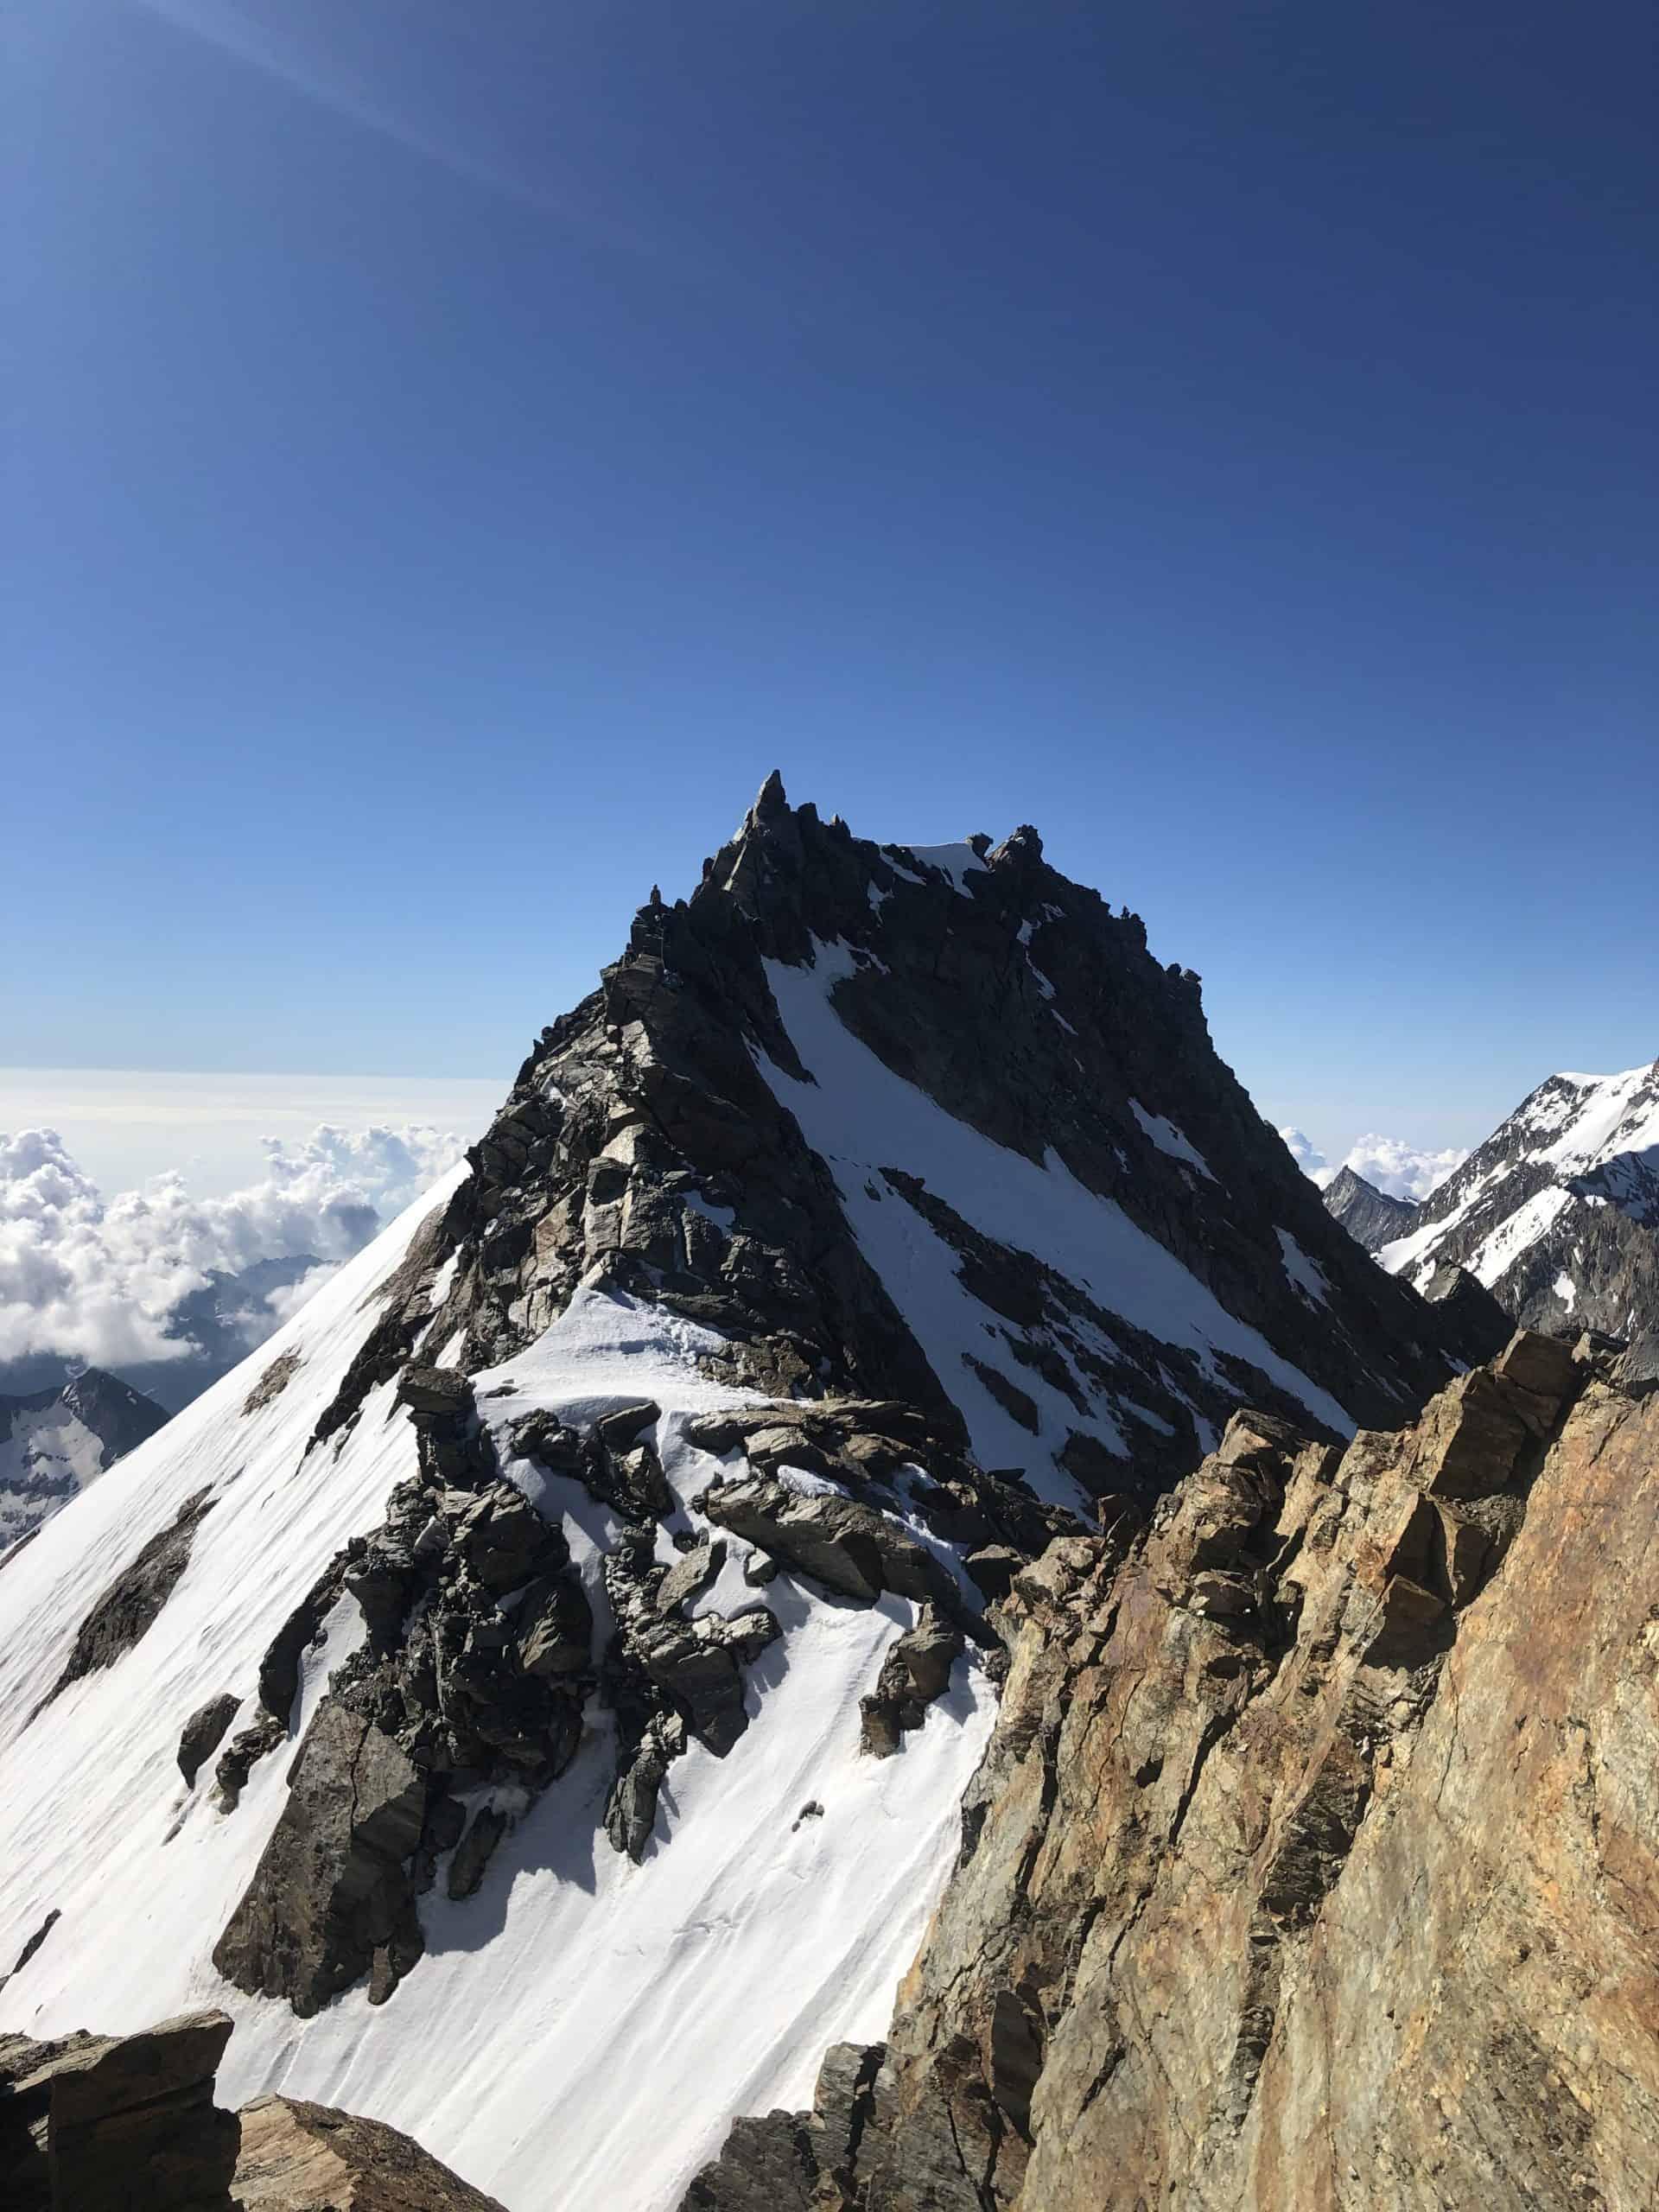 IMG 5405 1 scaled - Lagginhorn - Gipfelglück im zweiten Versuch?